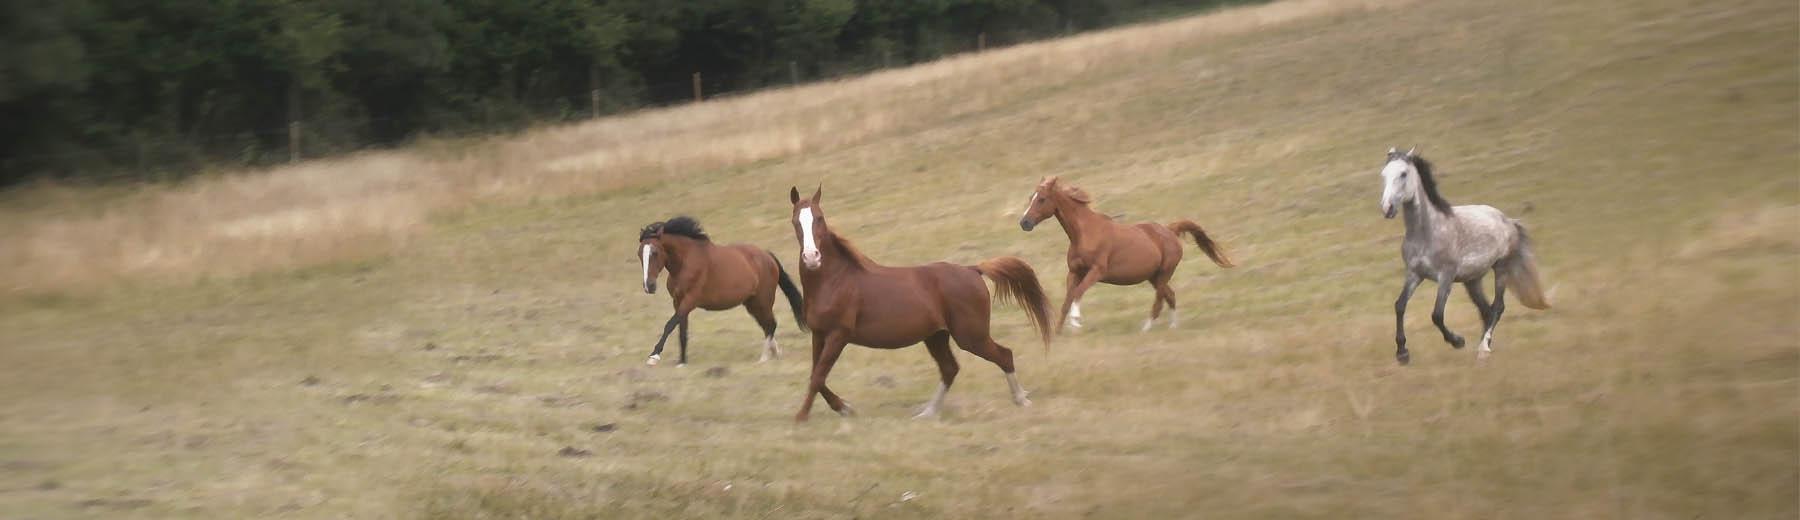 Les chevaux au galop